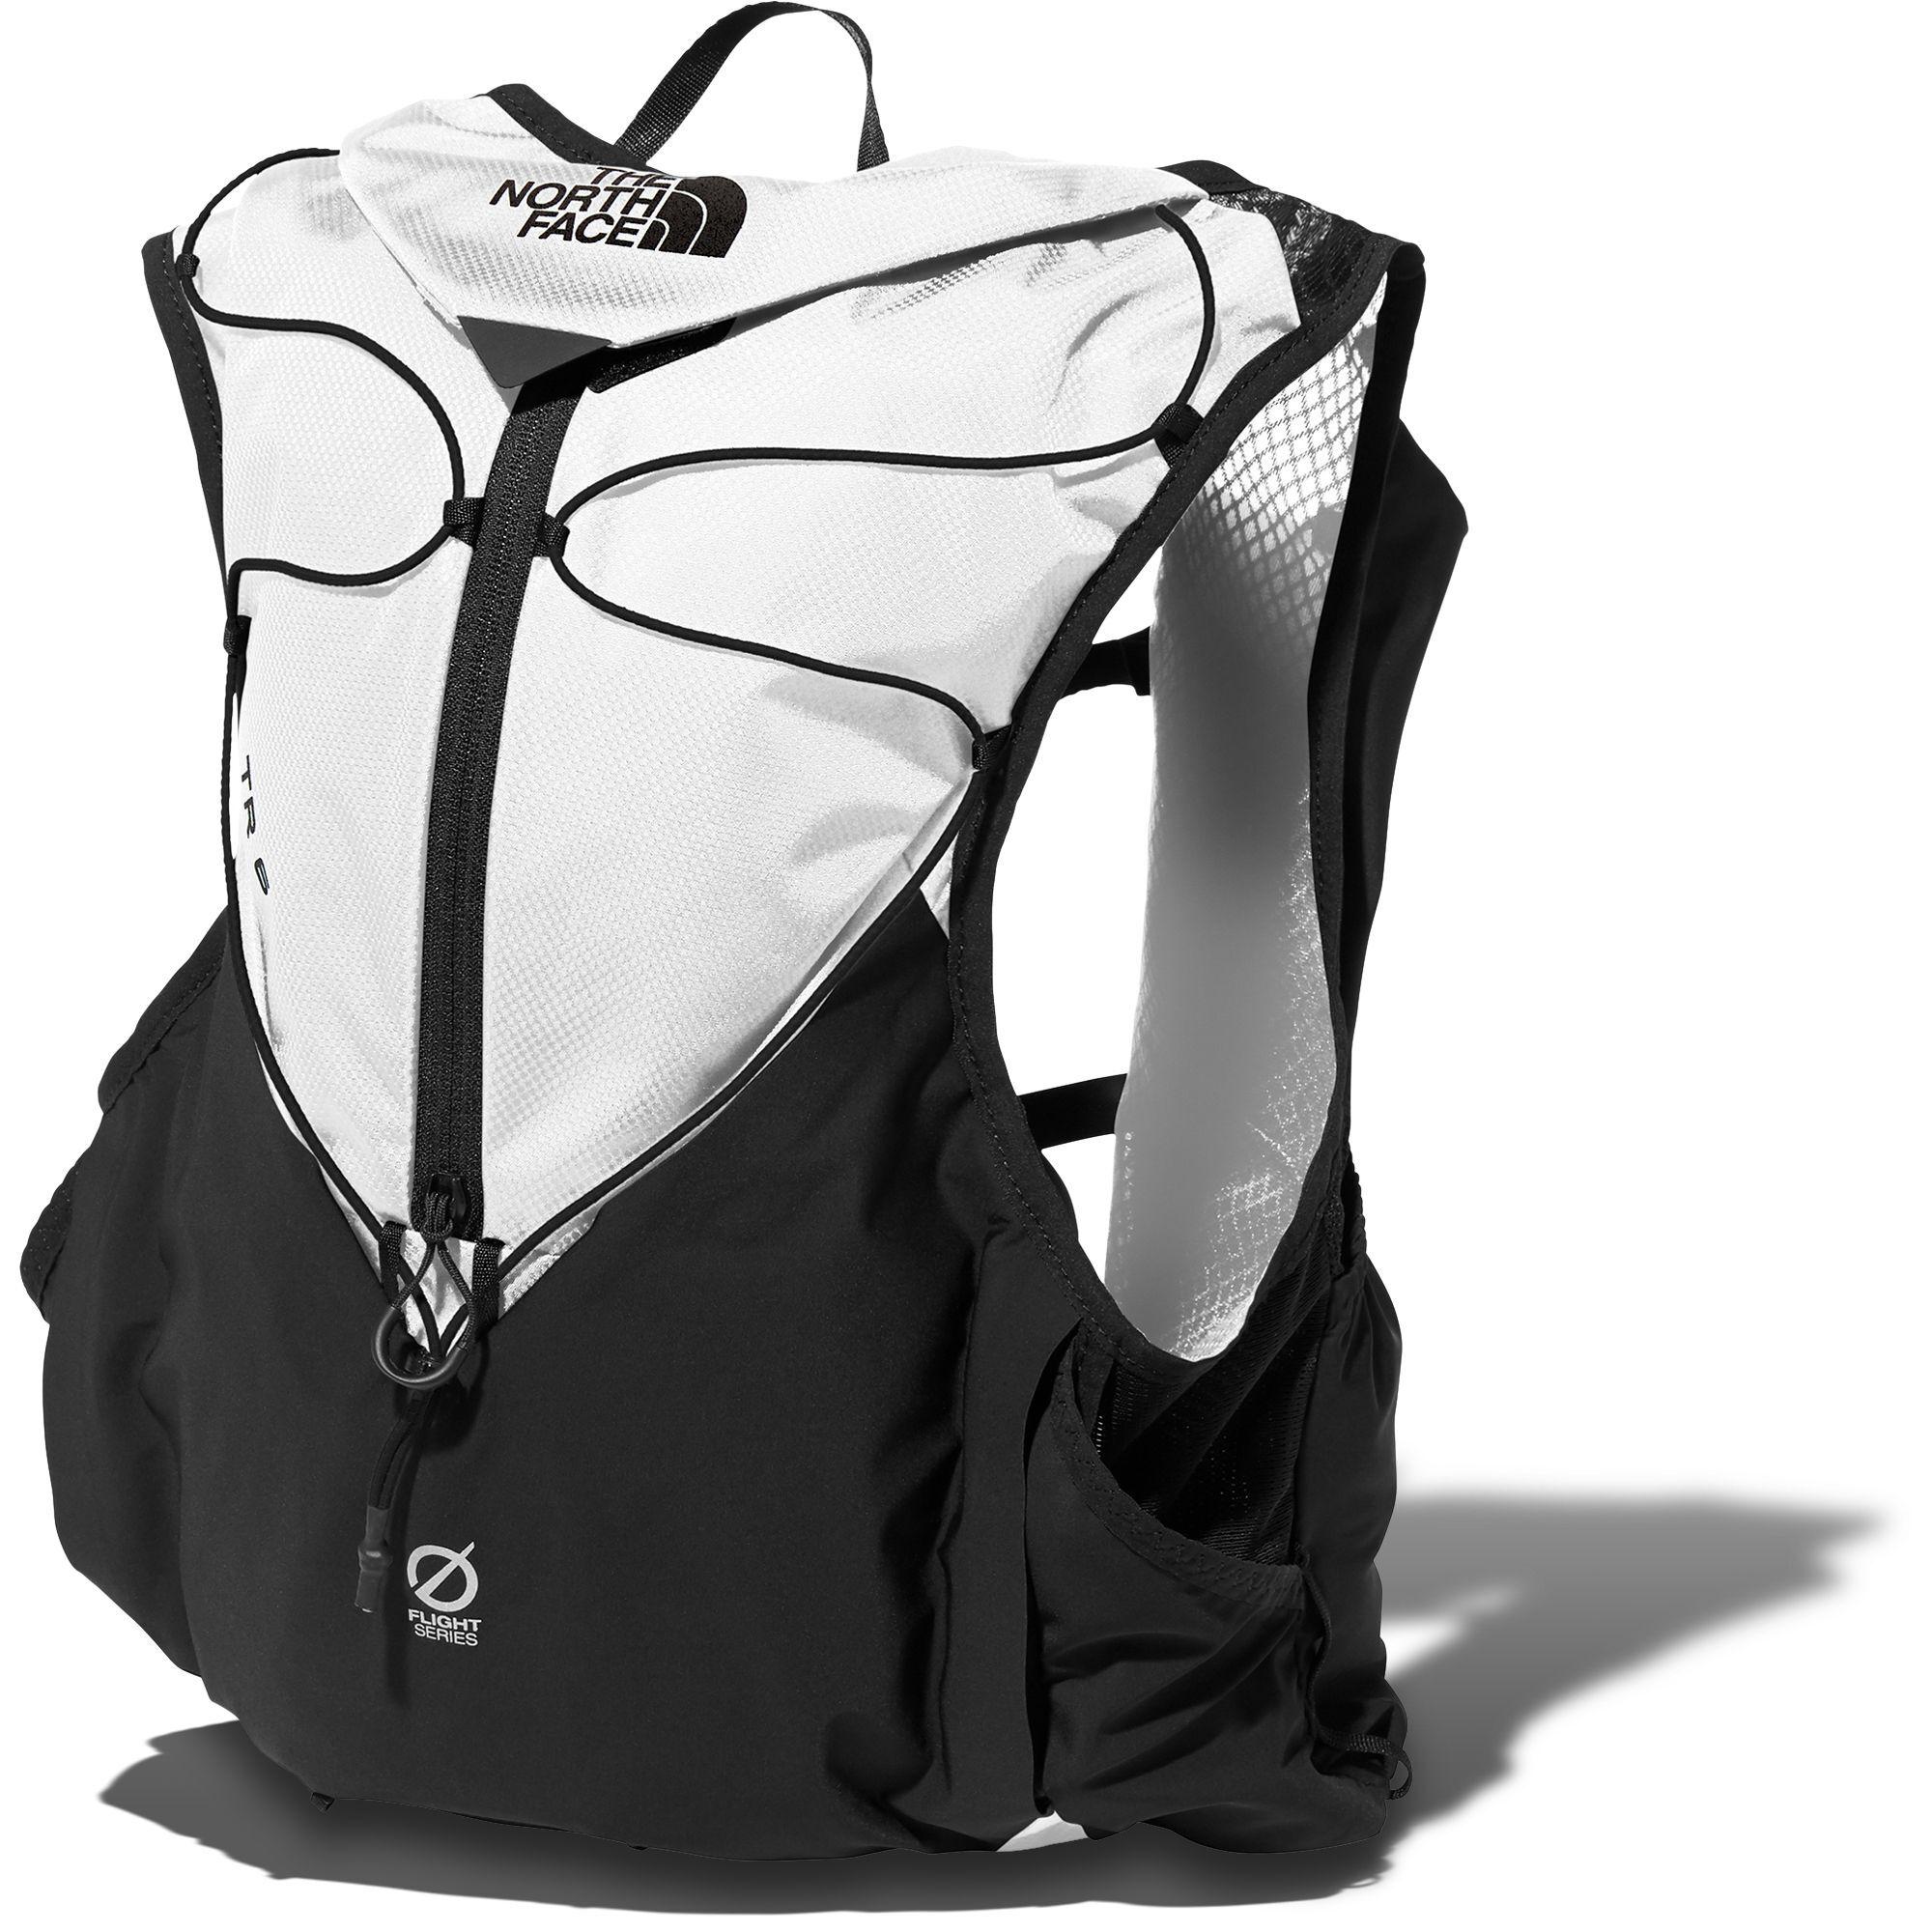 THE NORTH FACE ザノースフェイス TR6 ティーアール6 ブラック×ホワイト(WK) NMNM62105【ザック】【ランニングパック】